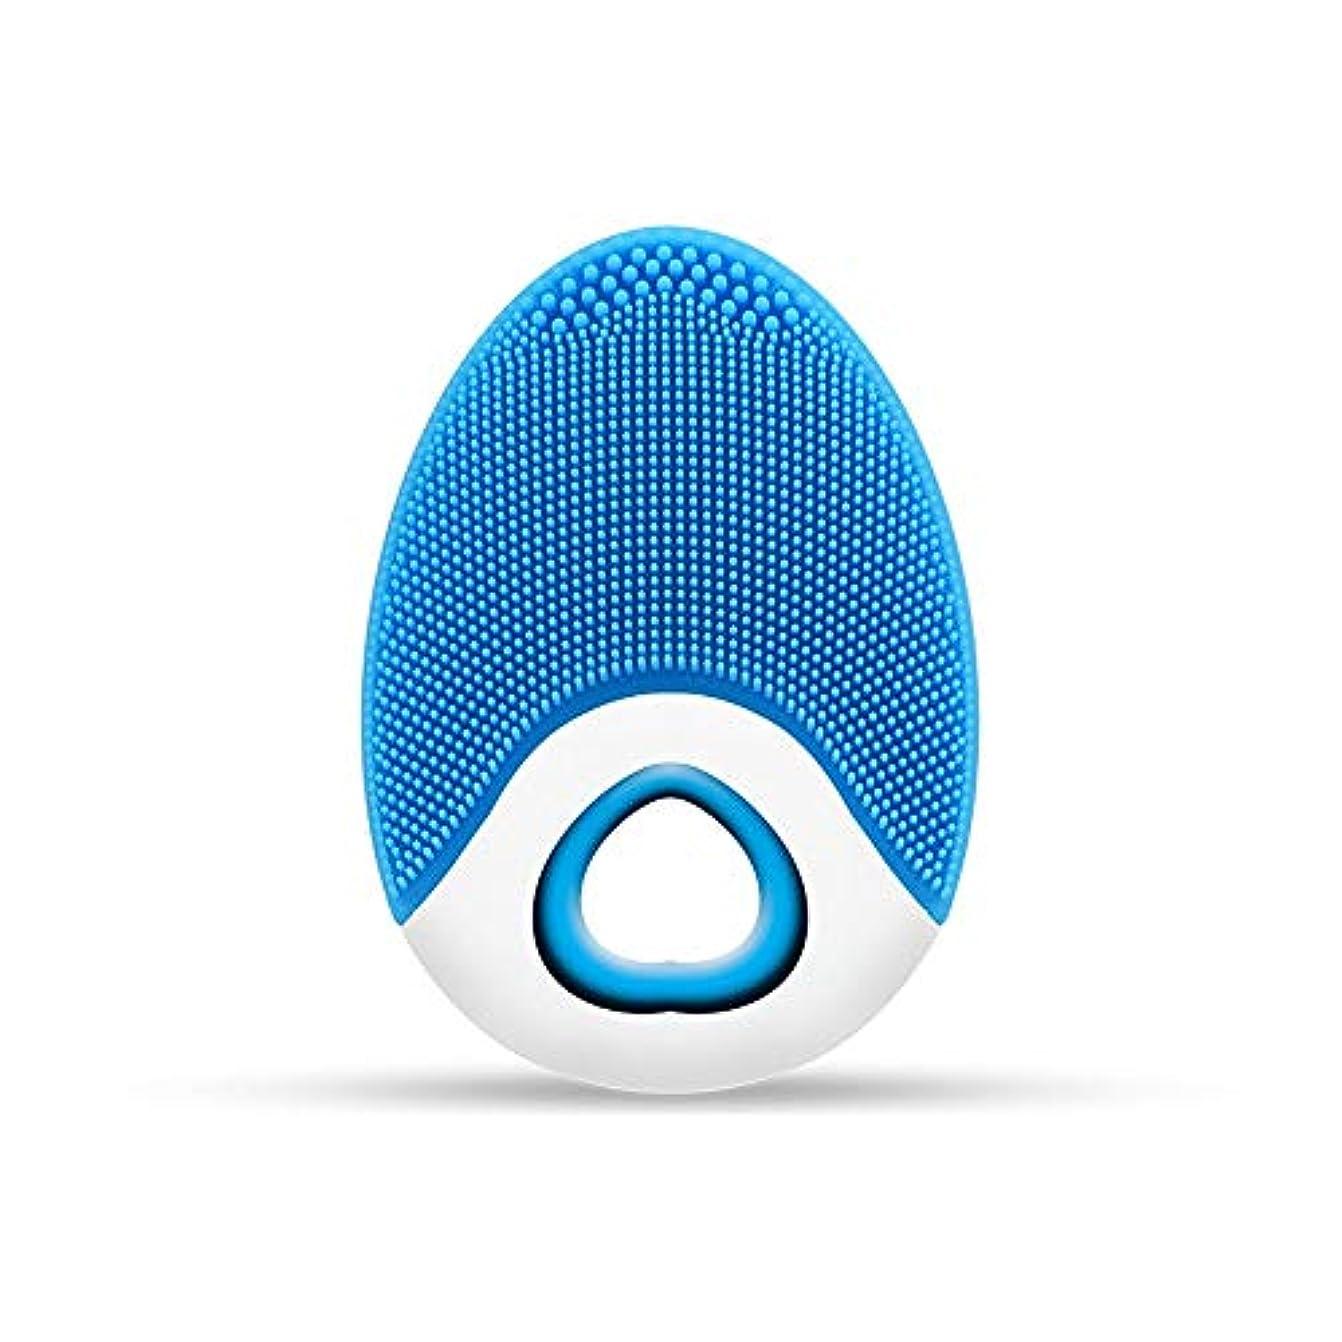 なめらかなセレナ資本ZXF ワイヤレス充電電気シリコーンクレンジングブラシ高周波振動防水マルチレベル調整クレンジング楽器美容器具 滑らかである (色 : Blue)